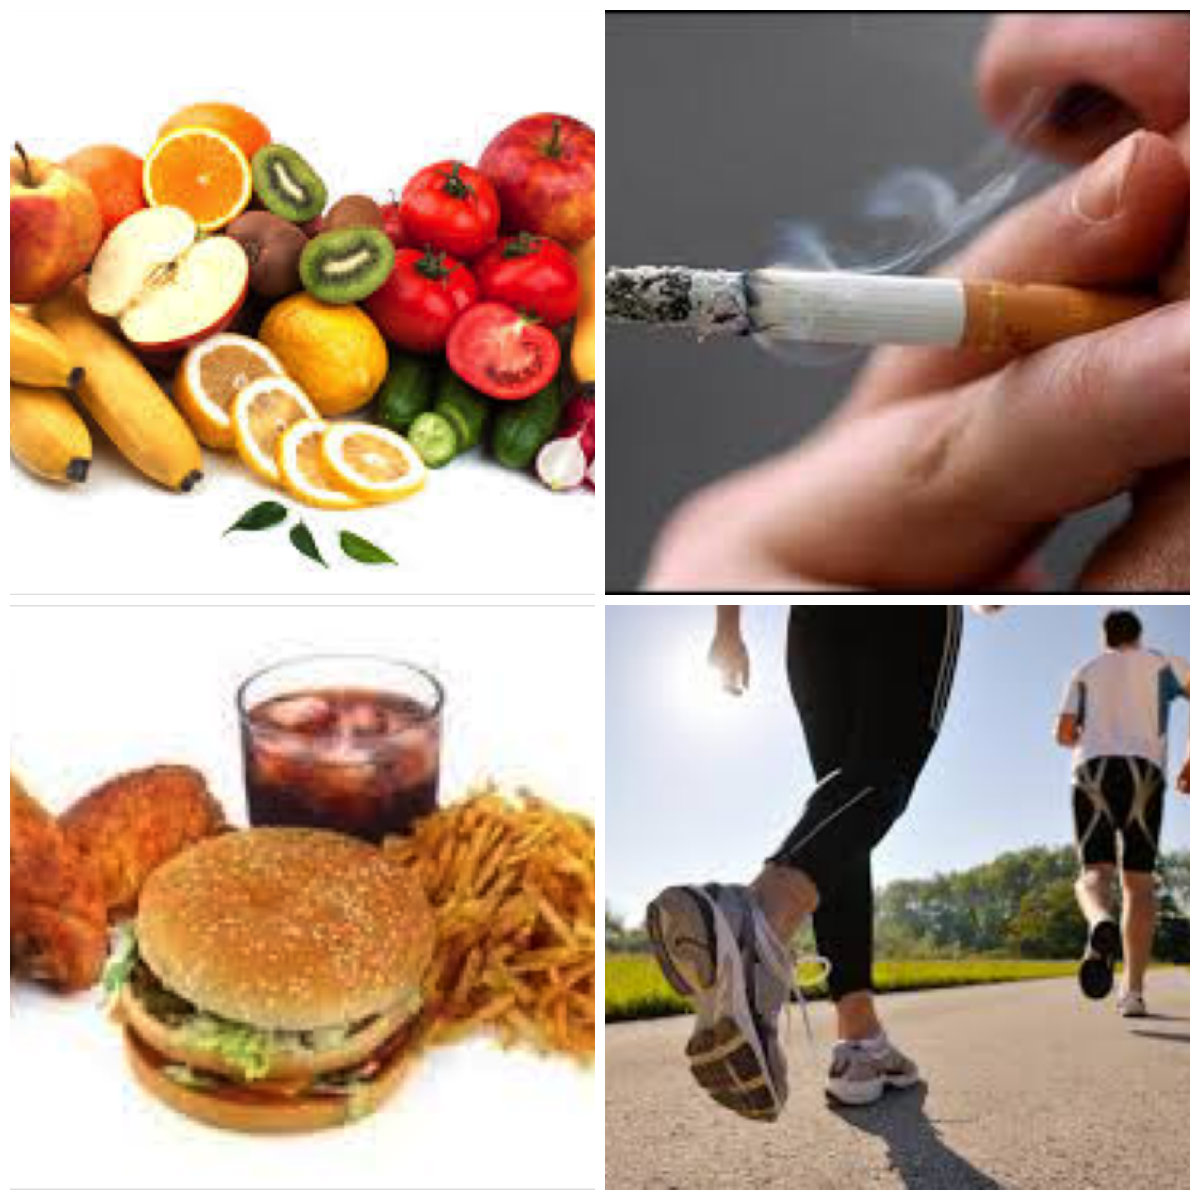 livsstilssykdommer eksempler